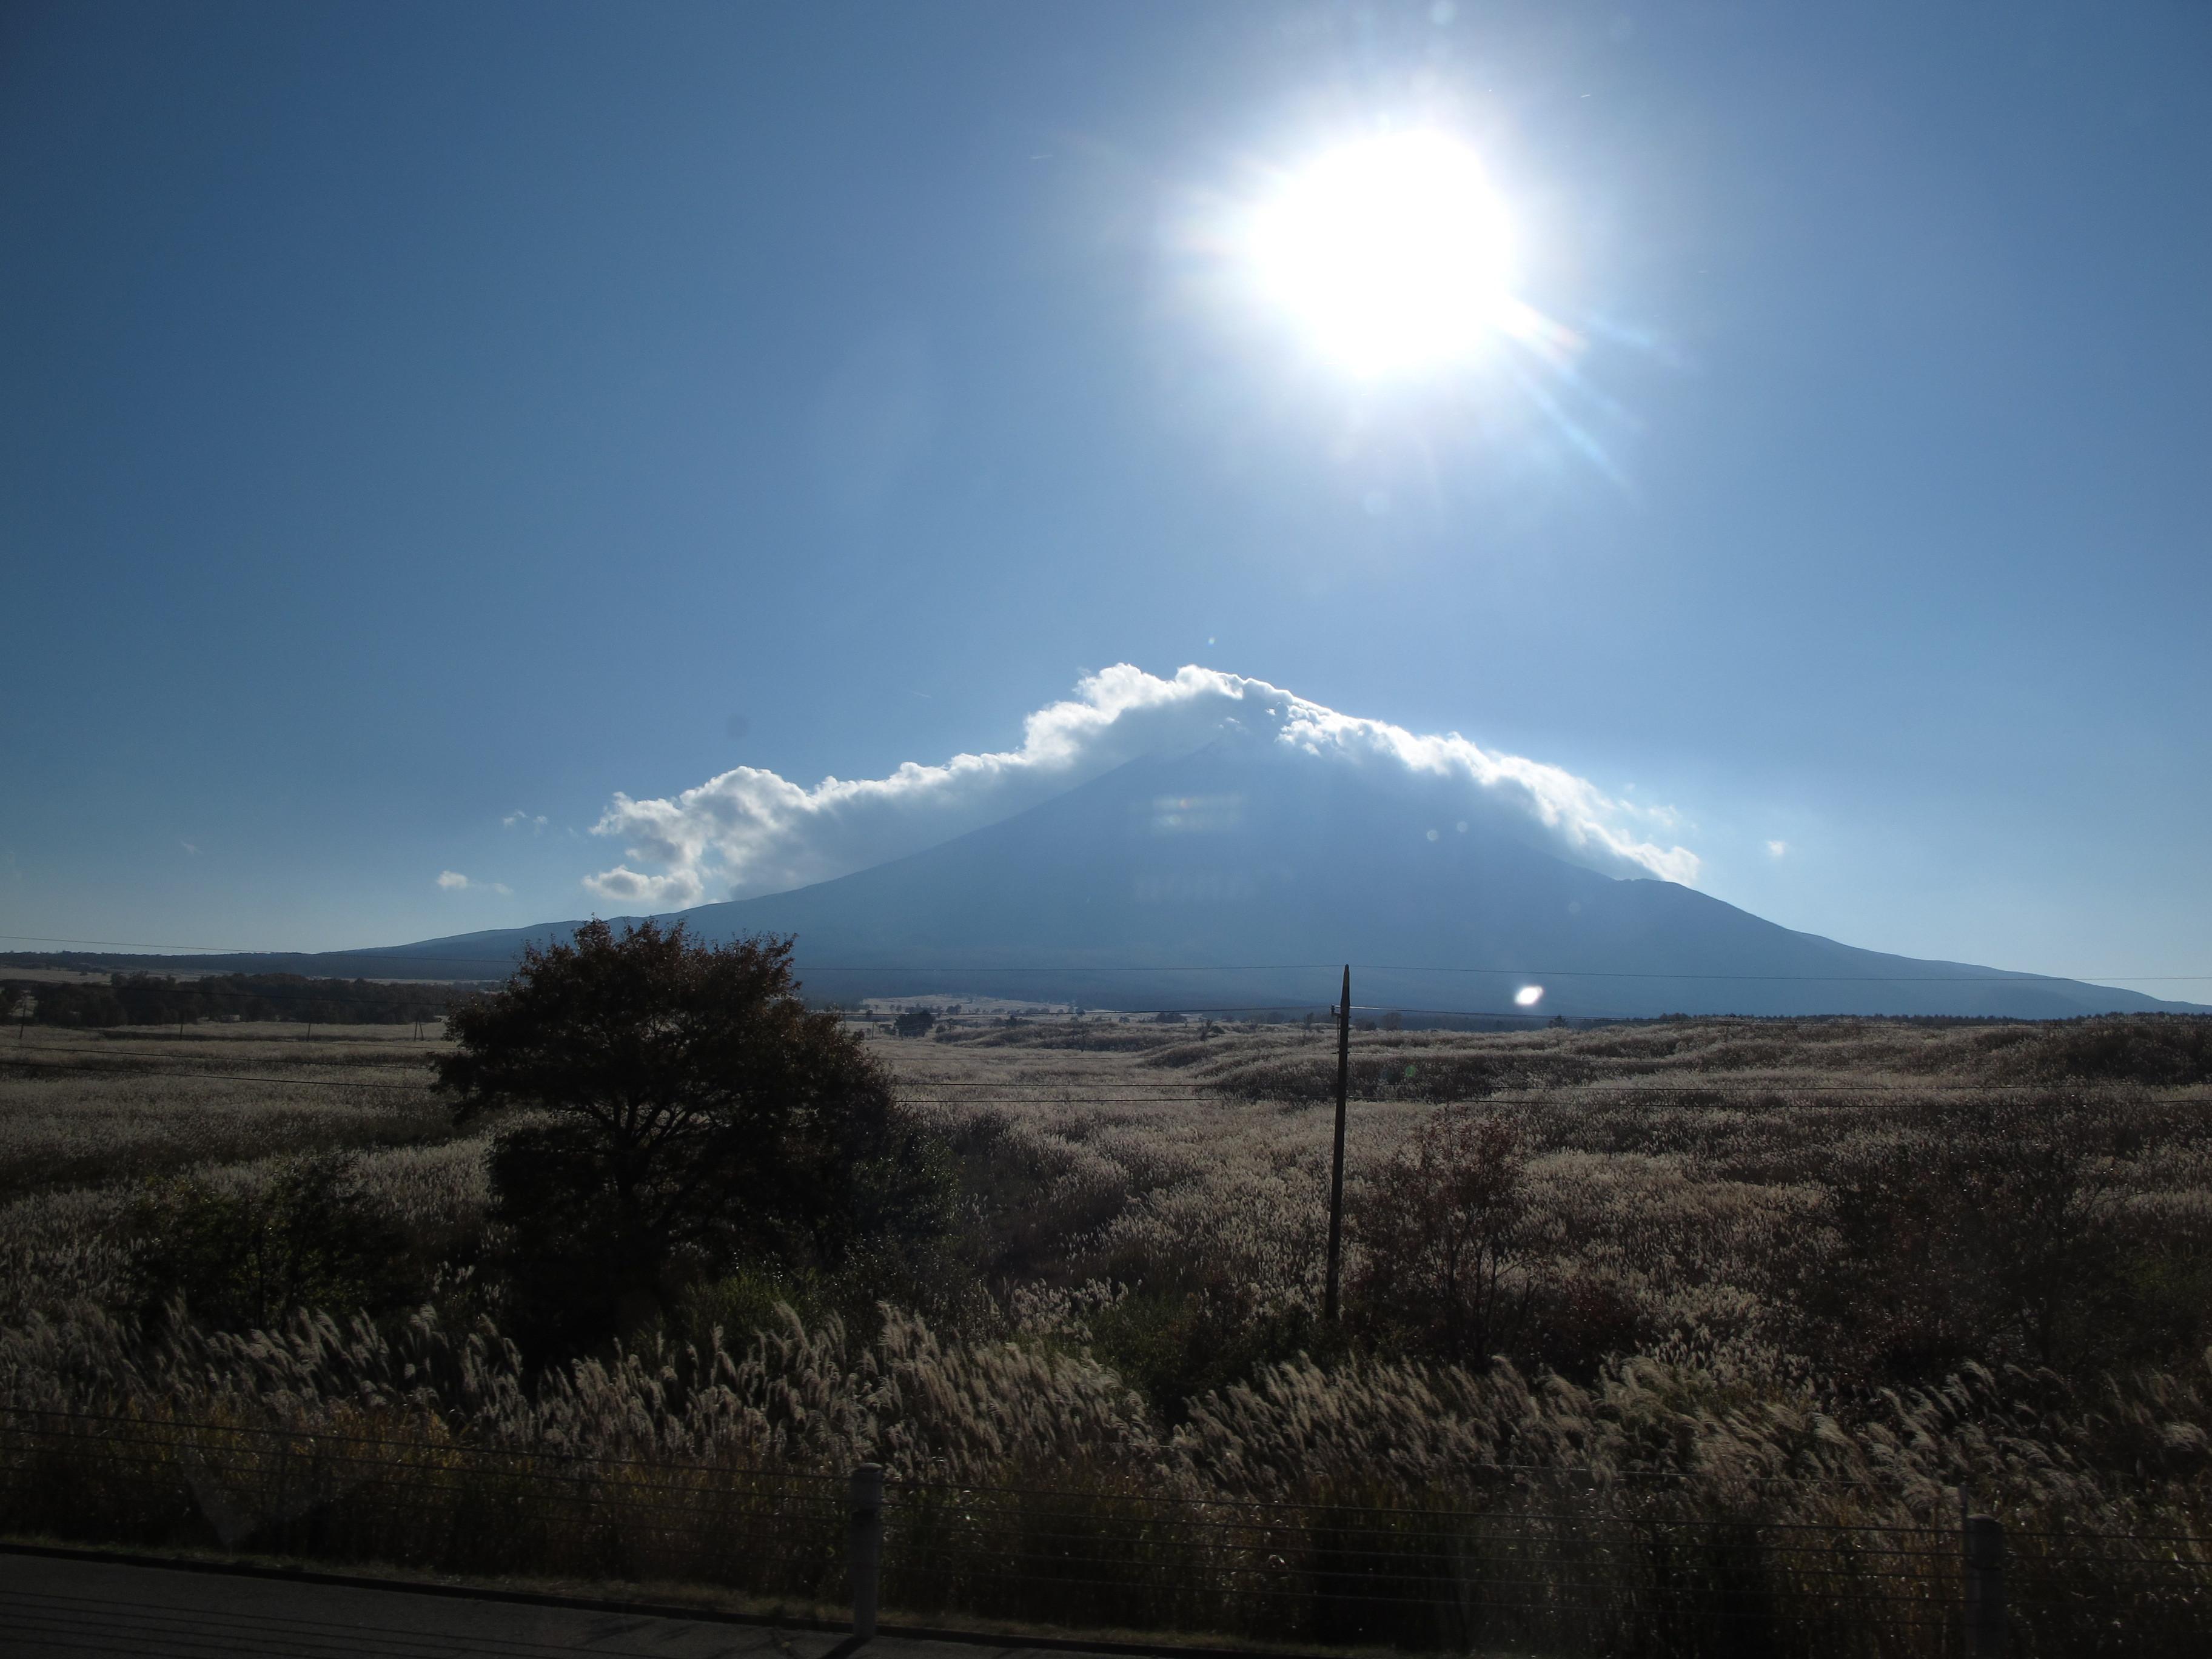 Vulkanberget Fuji är ofta omslutet av skira moln. Foto: Agneta Elmegård